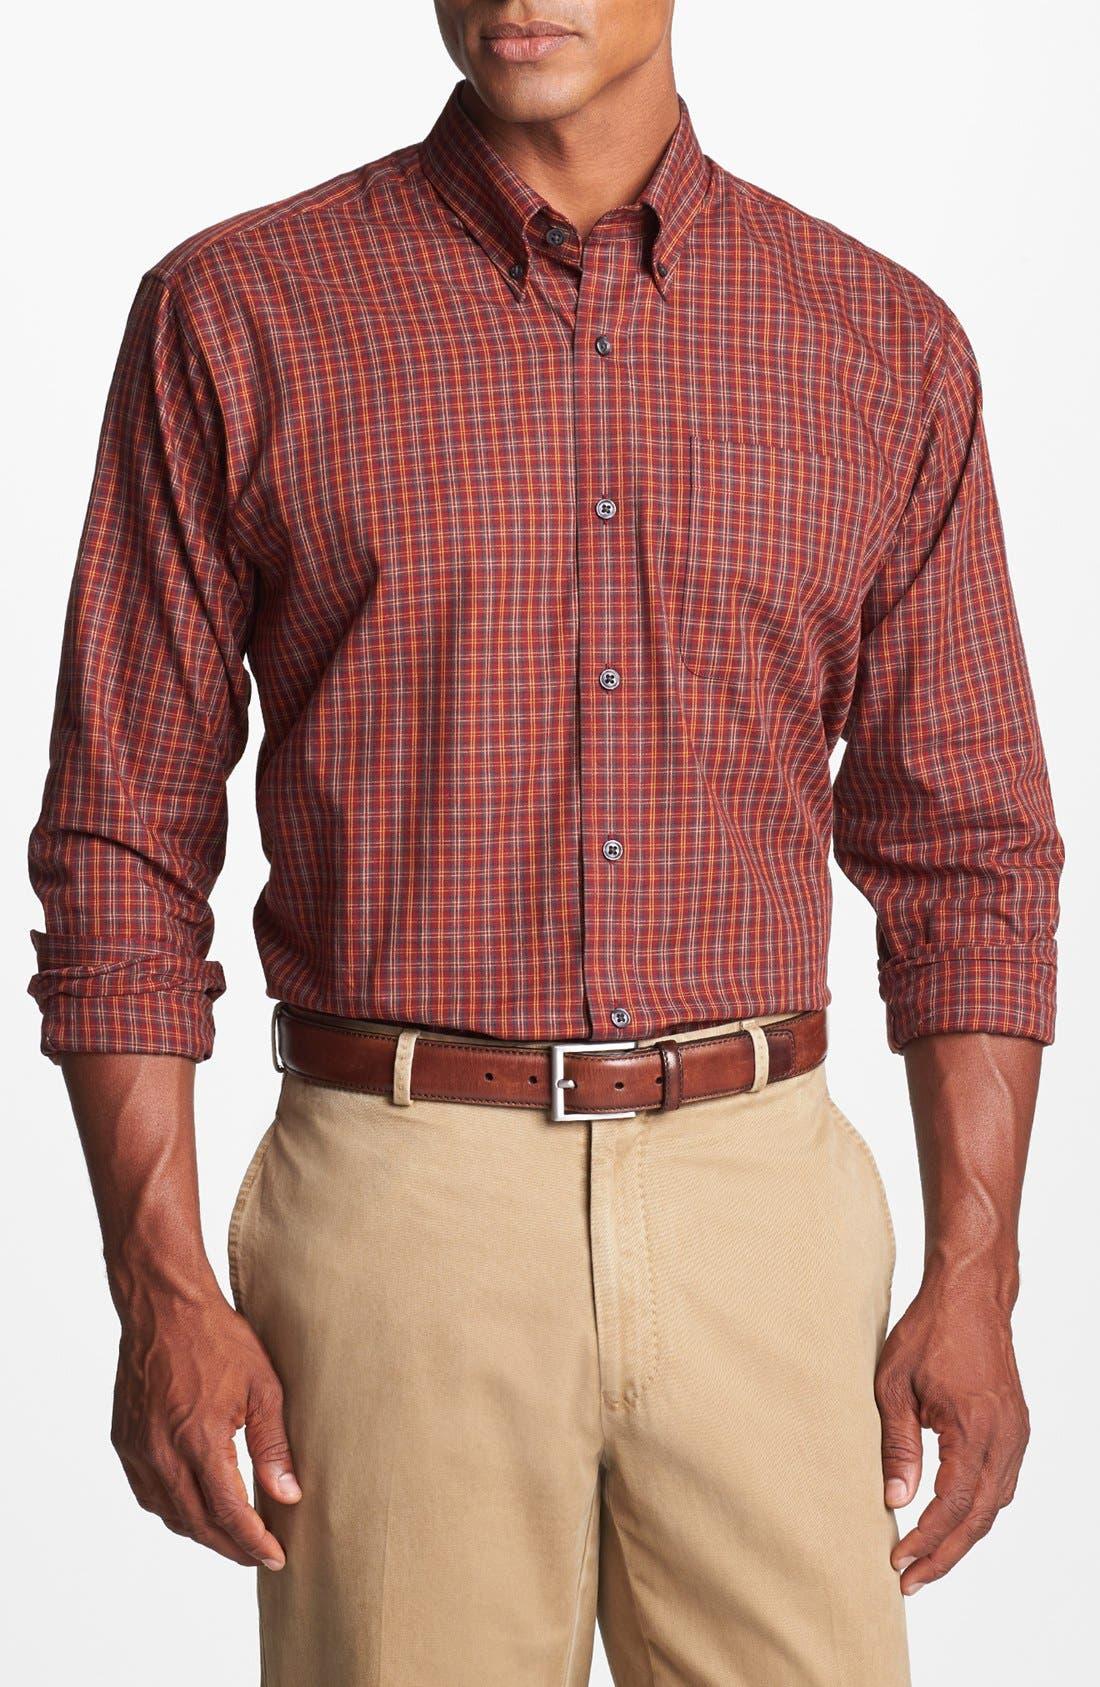 Main Image - Cutter & Buck 'Nickerson' Regular Fit Sport Shirt (Big & Tall)